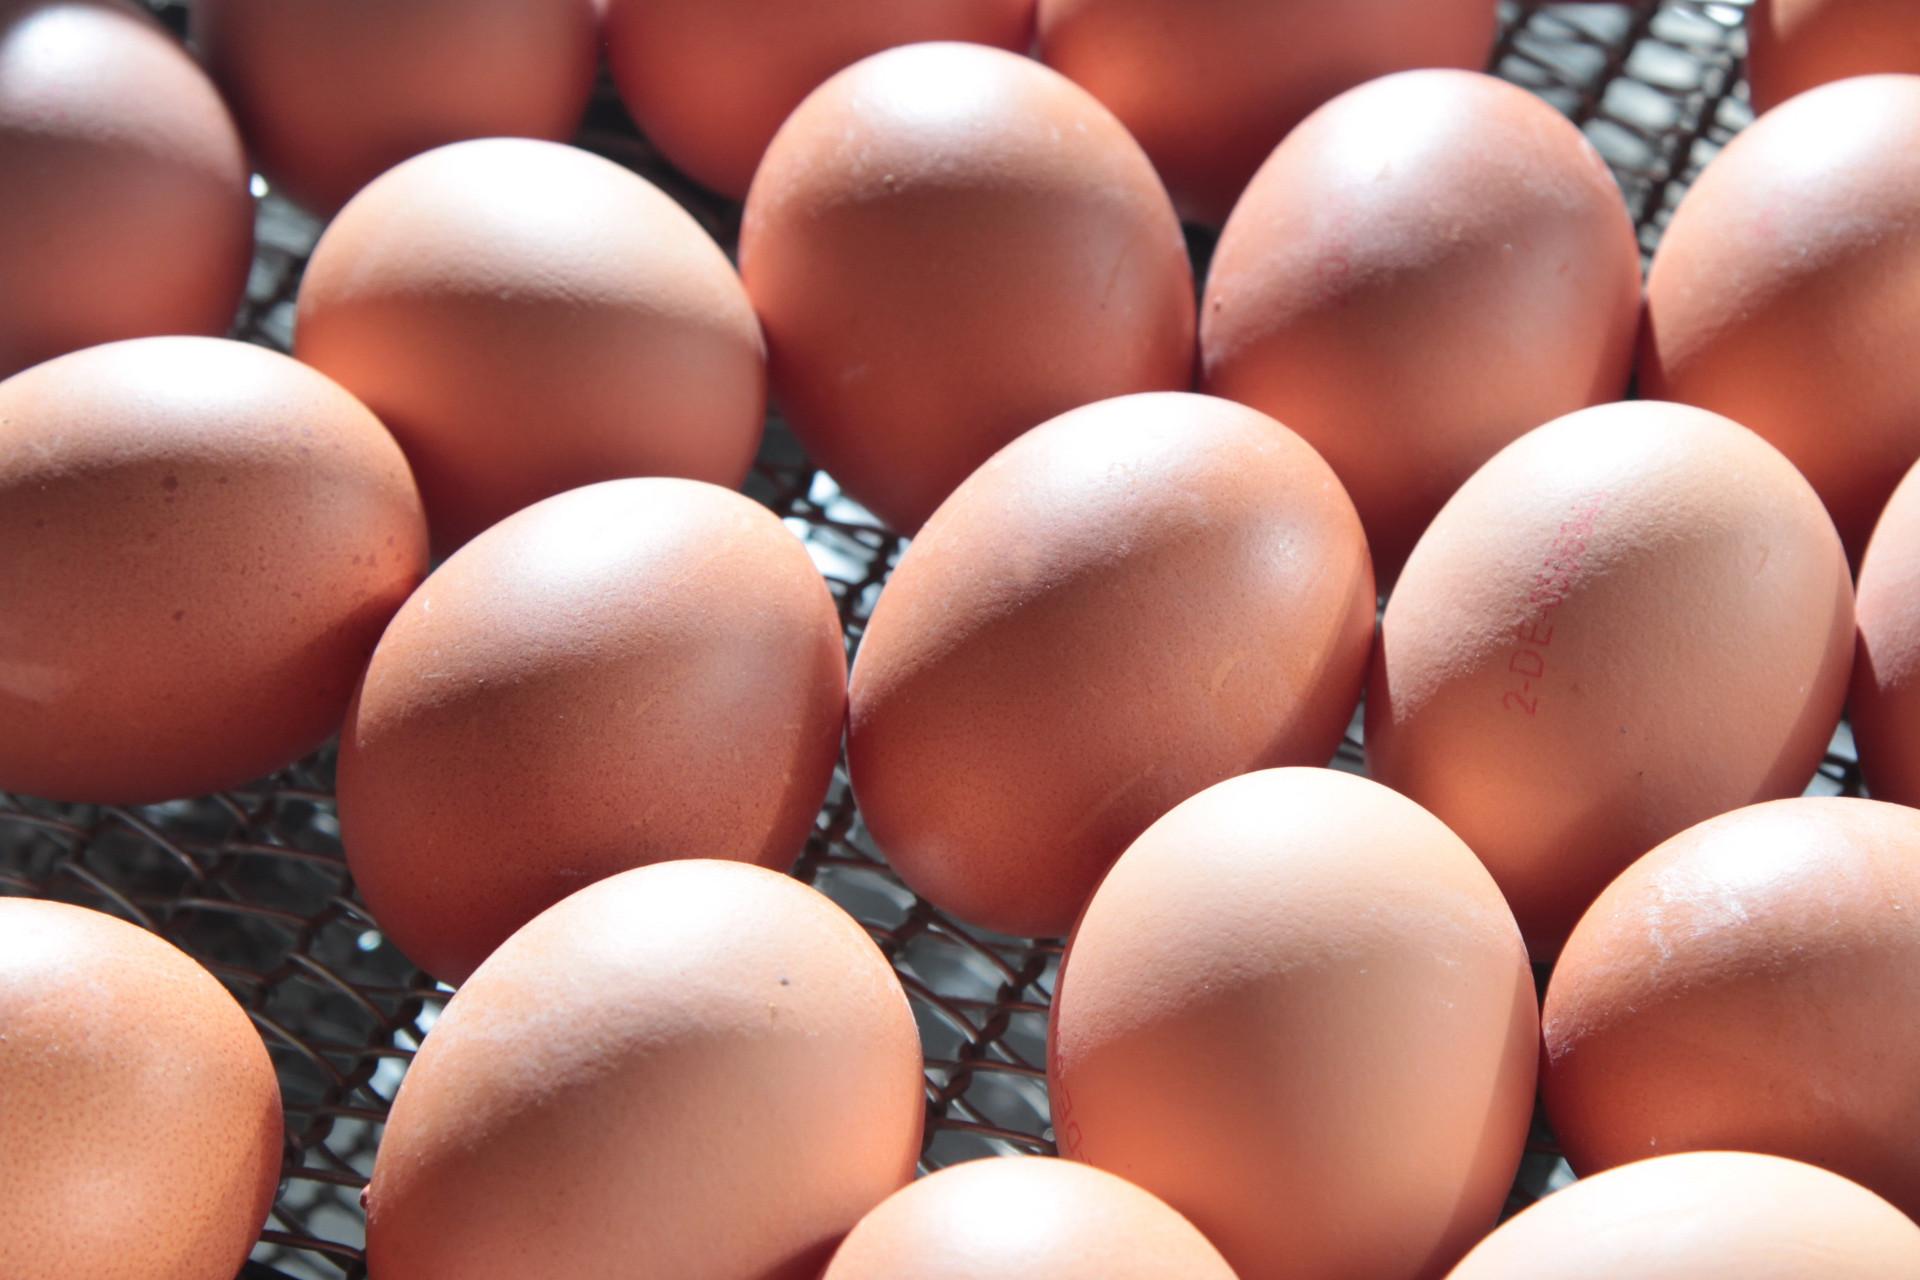 Foto: Eier in der Sortierung